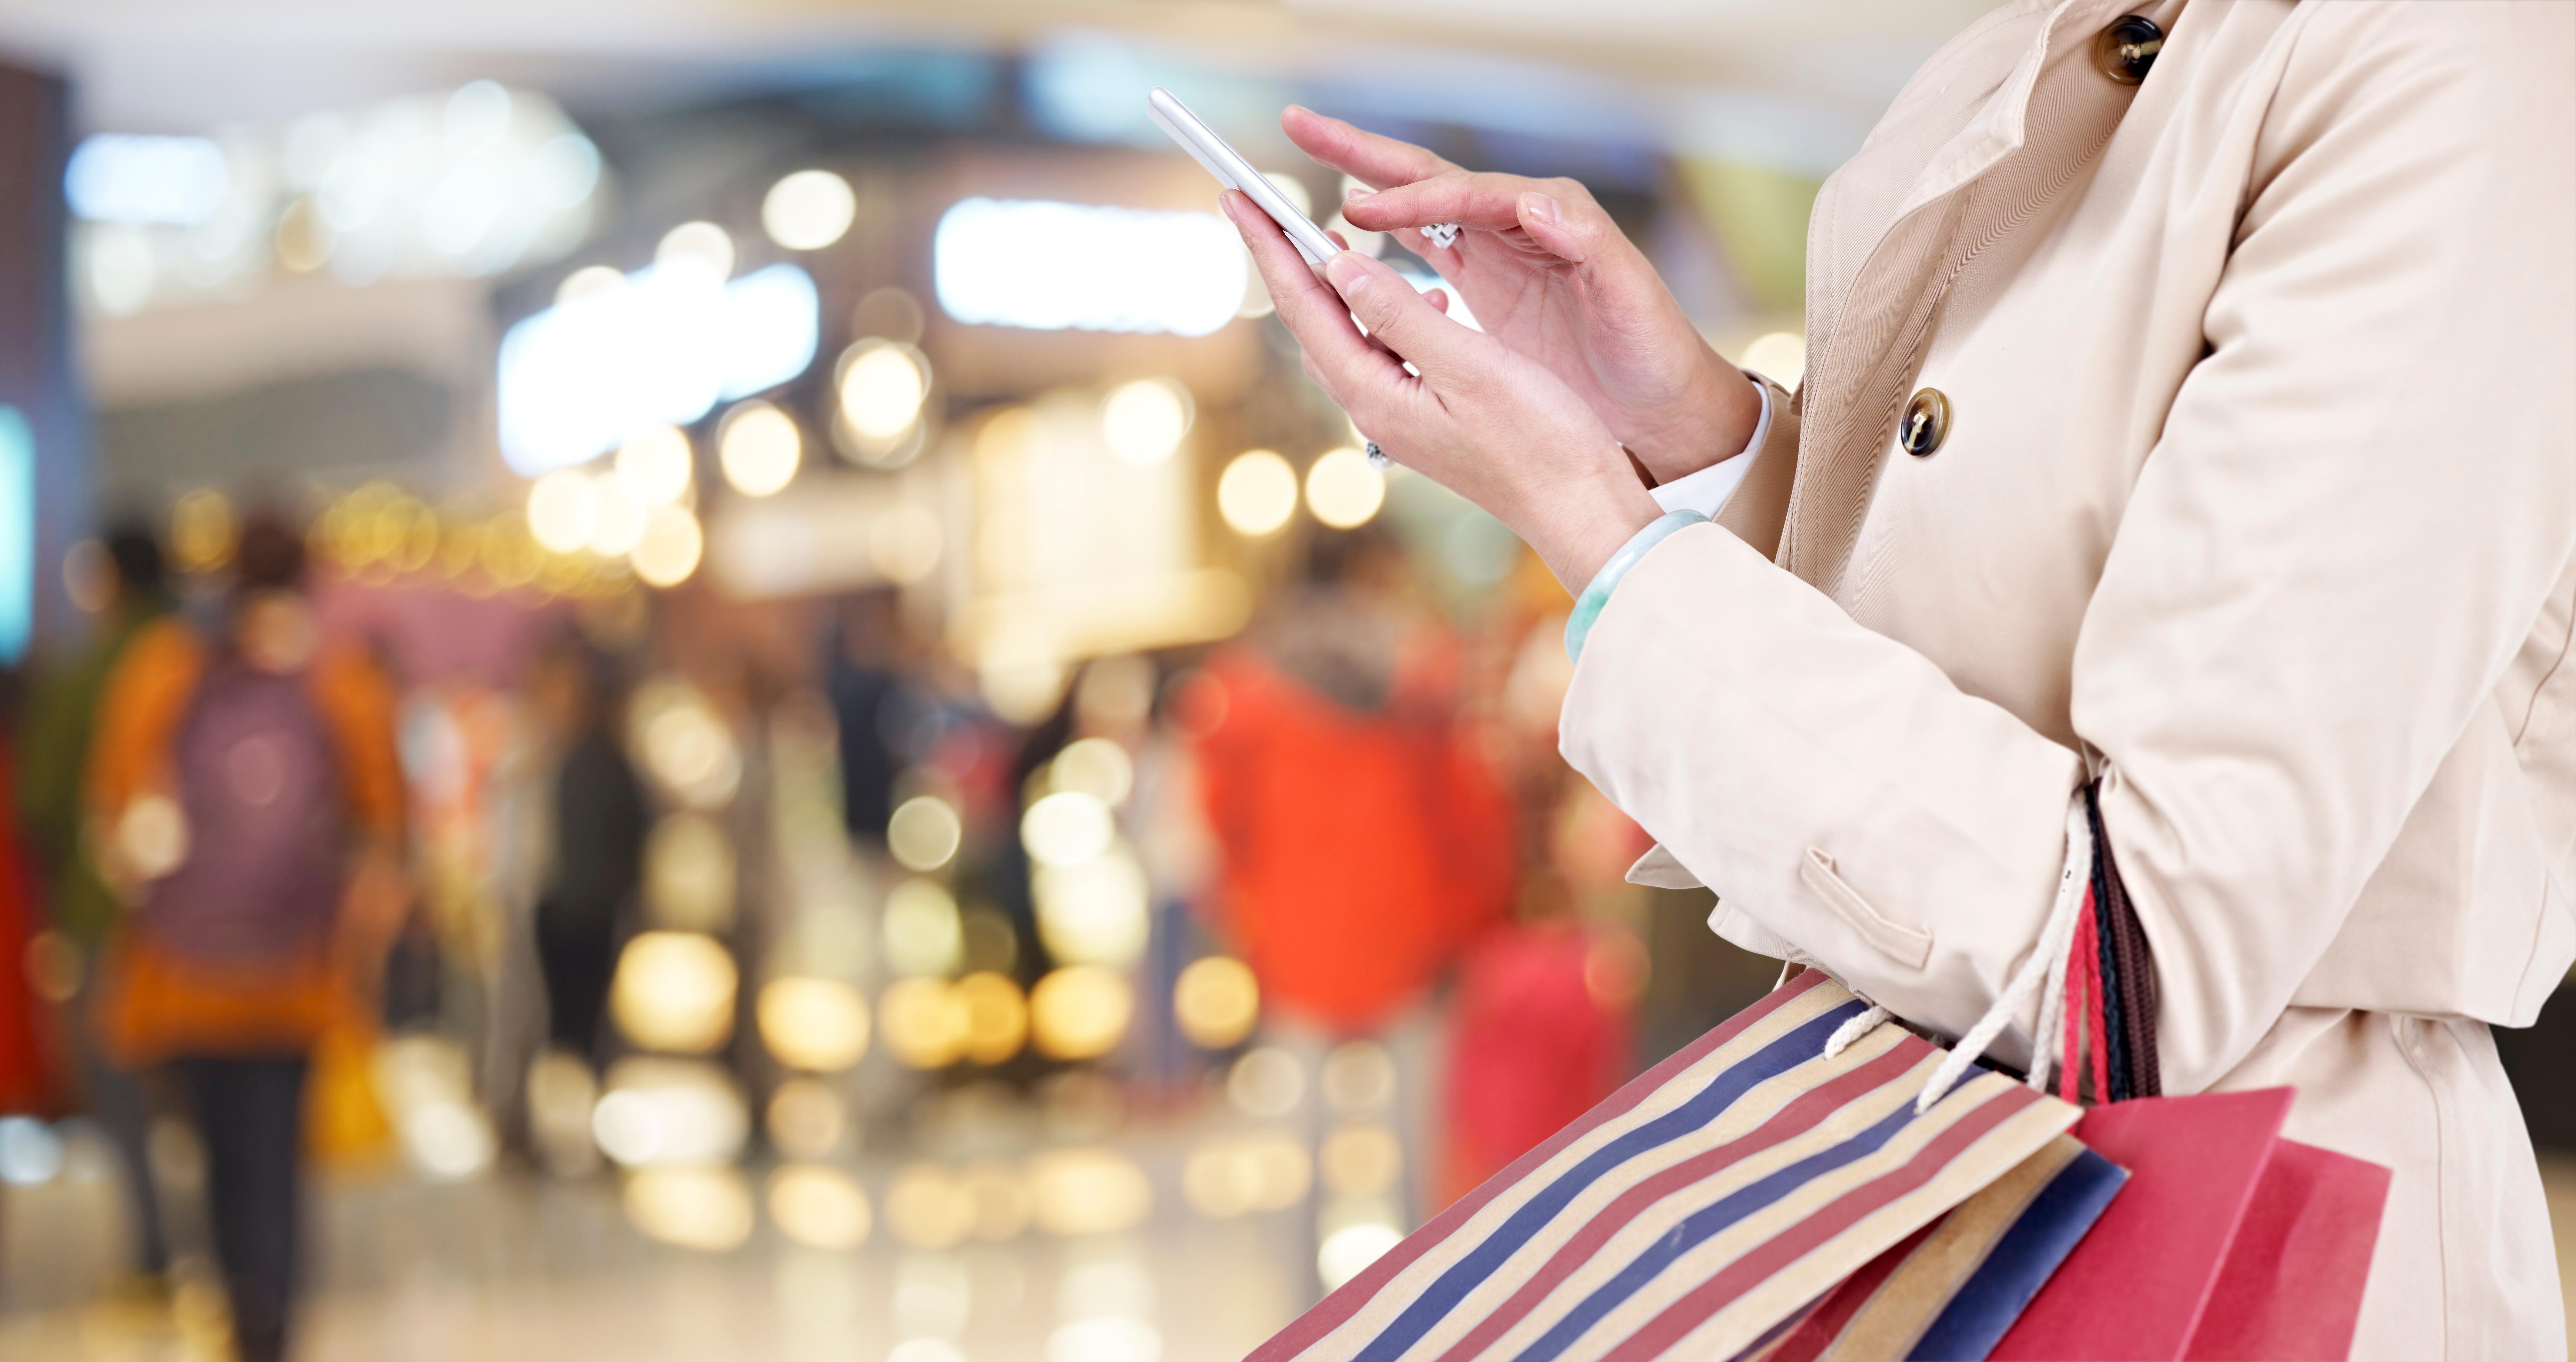 running errands on phone.jpg